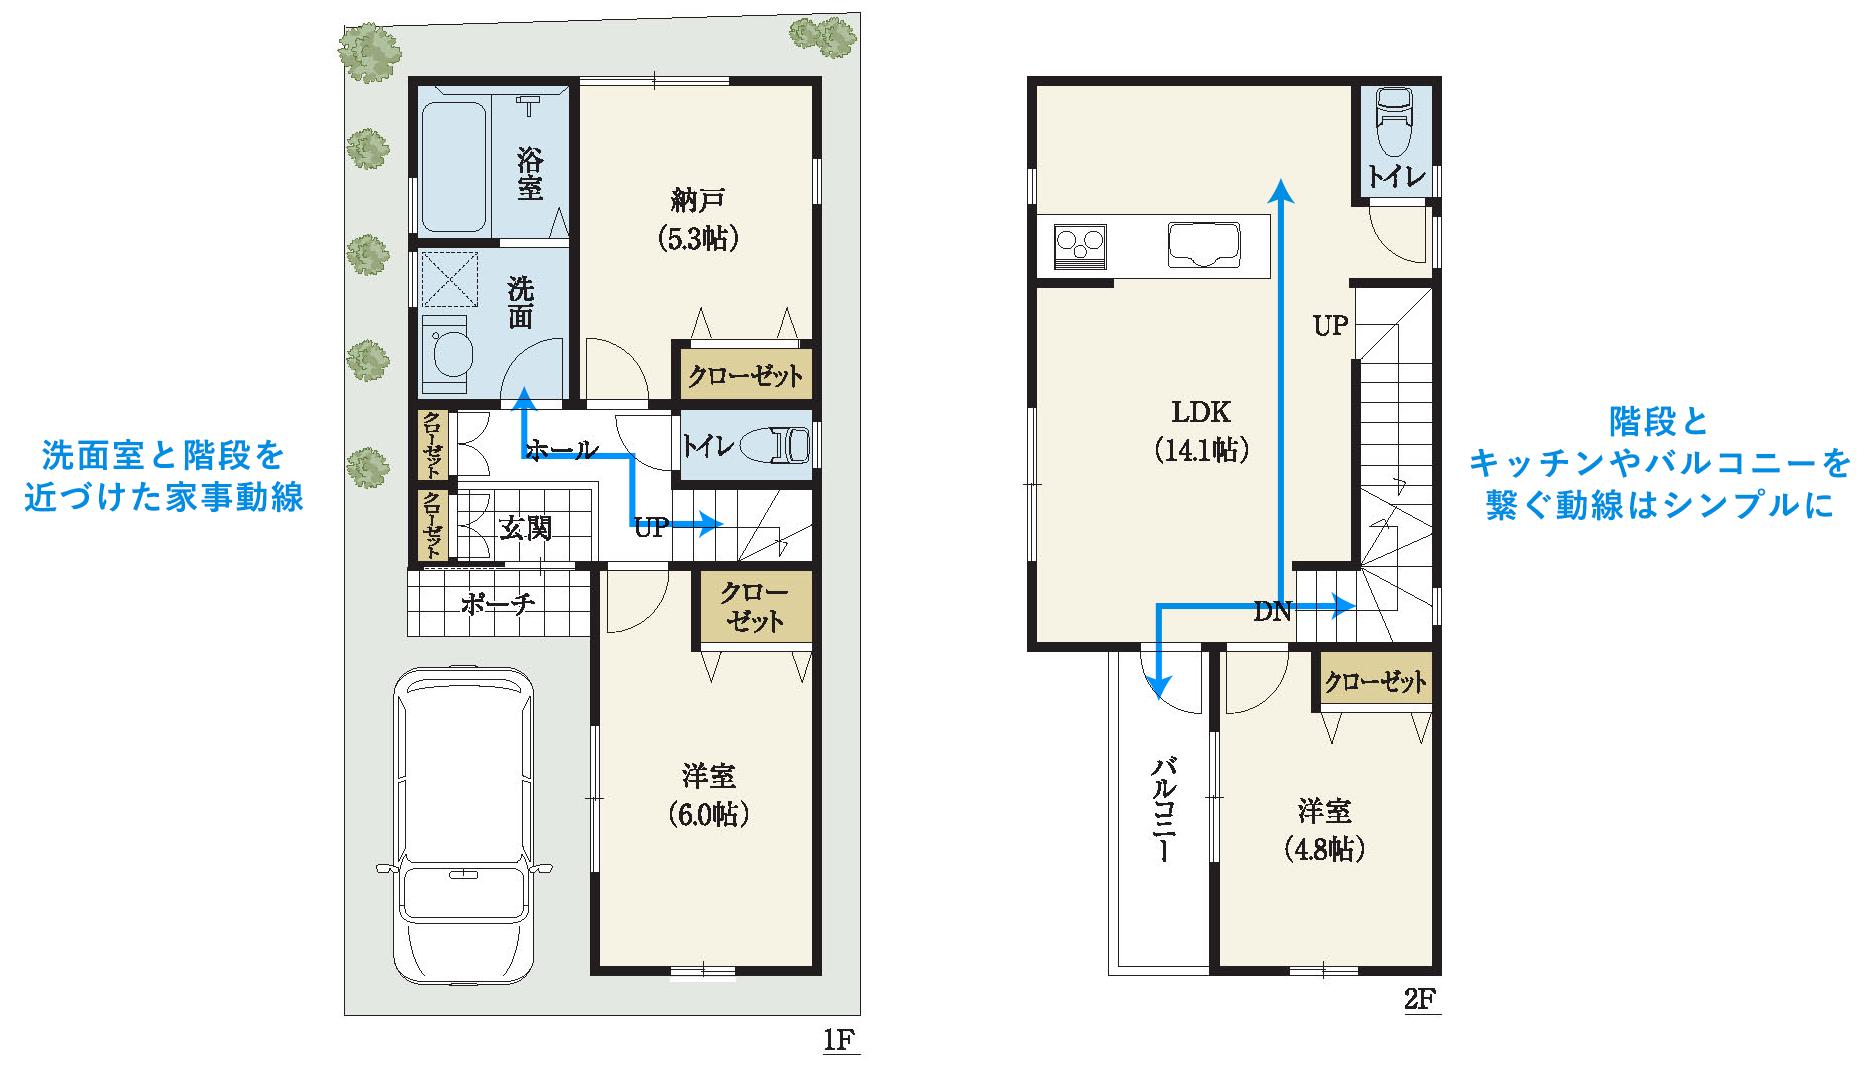 狭小3階建の家は家事動線はコンパクトにシンプルに